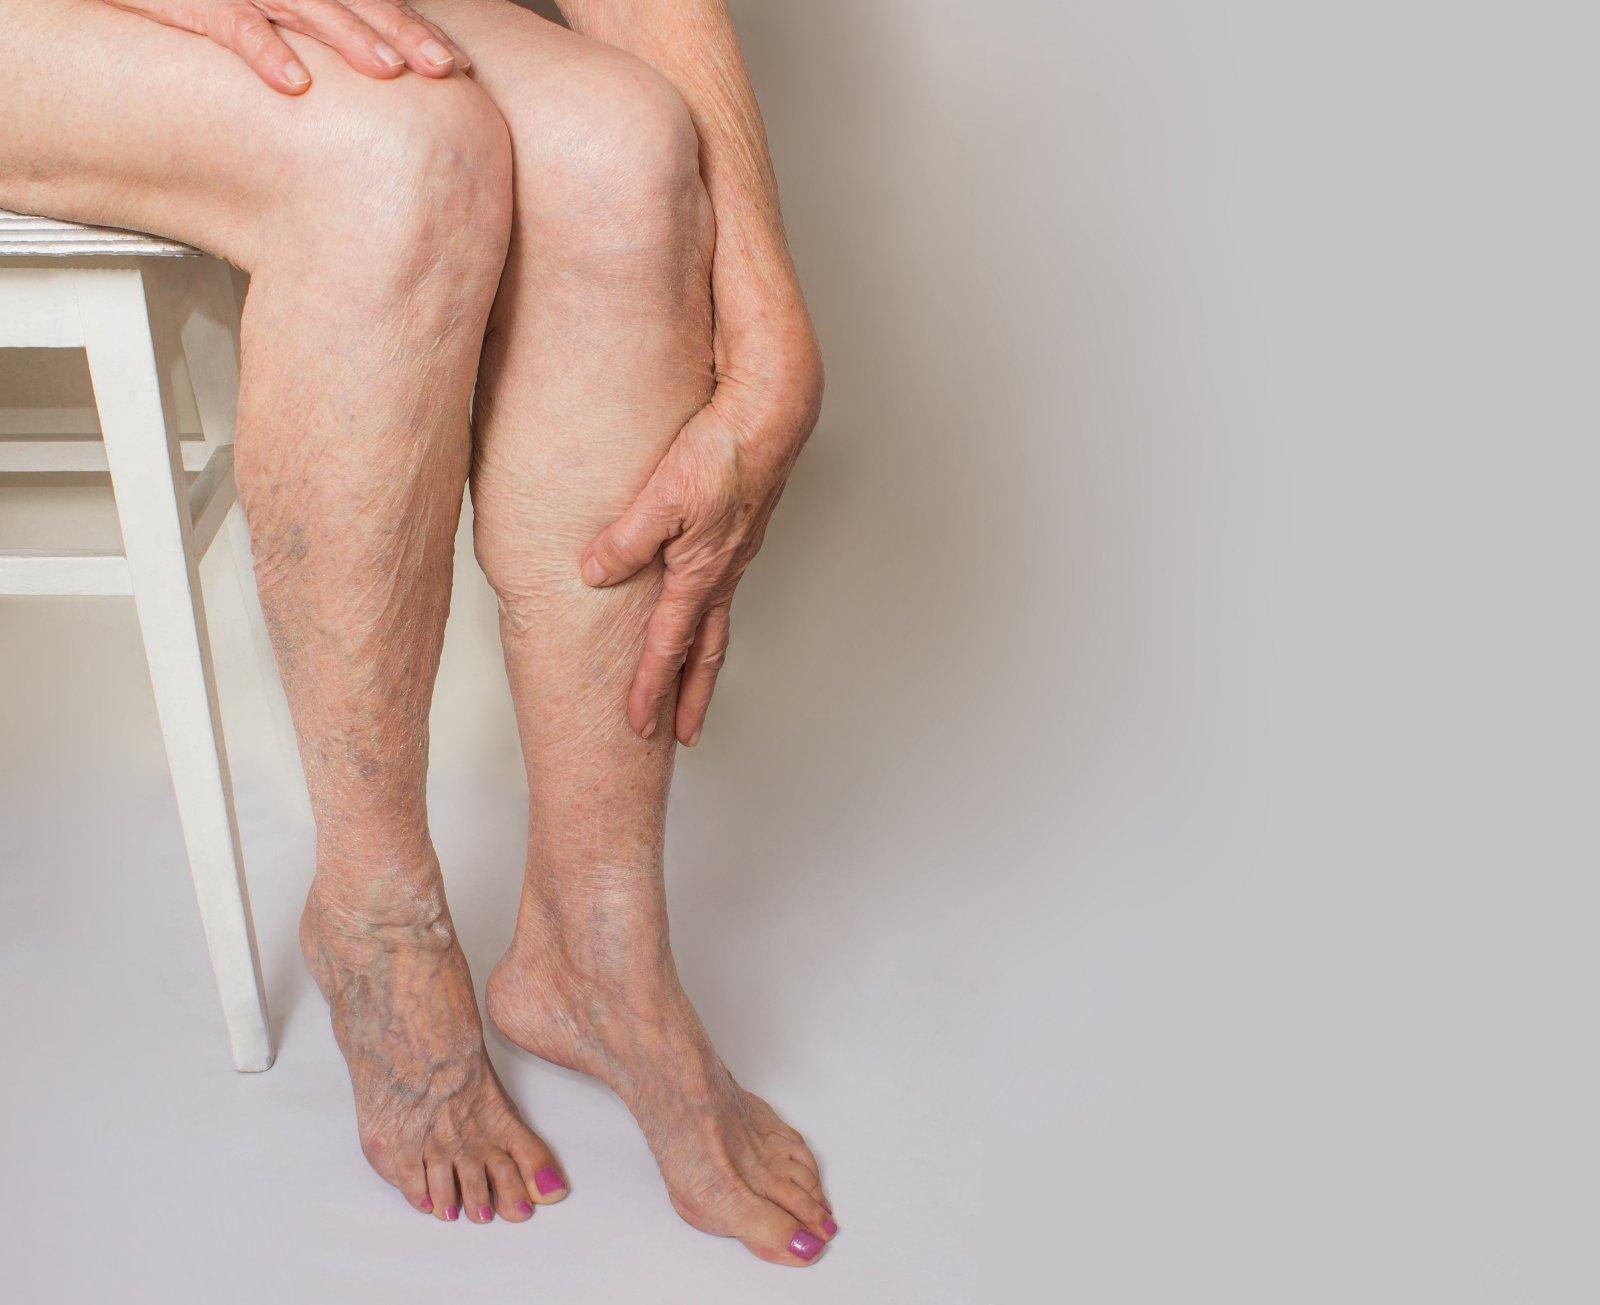 didziuliai issipletusios nariai erekcijos problemų 33 m